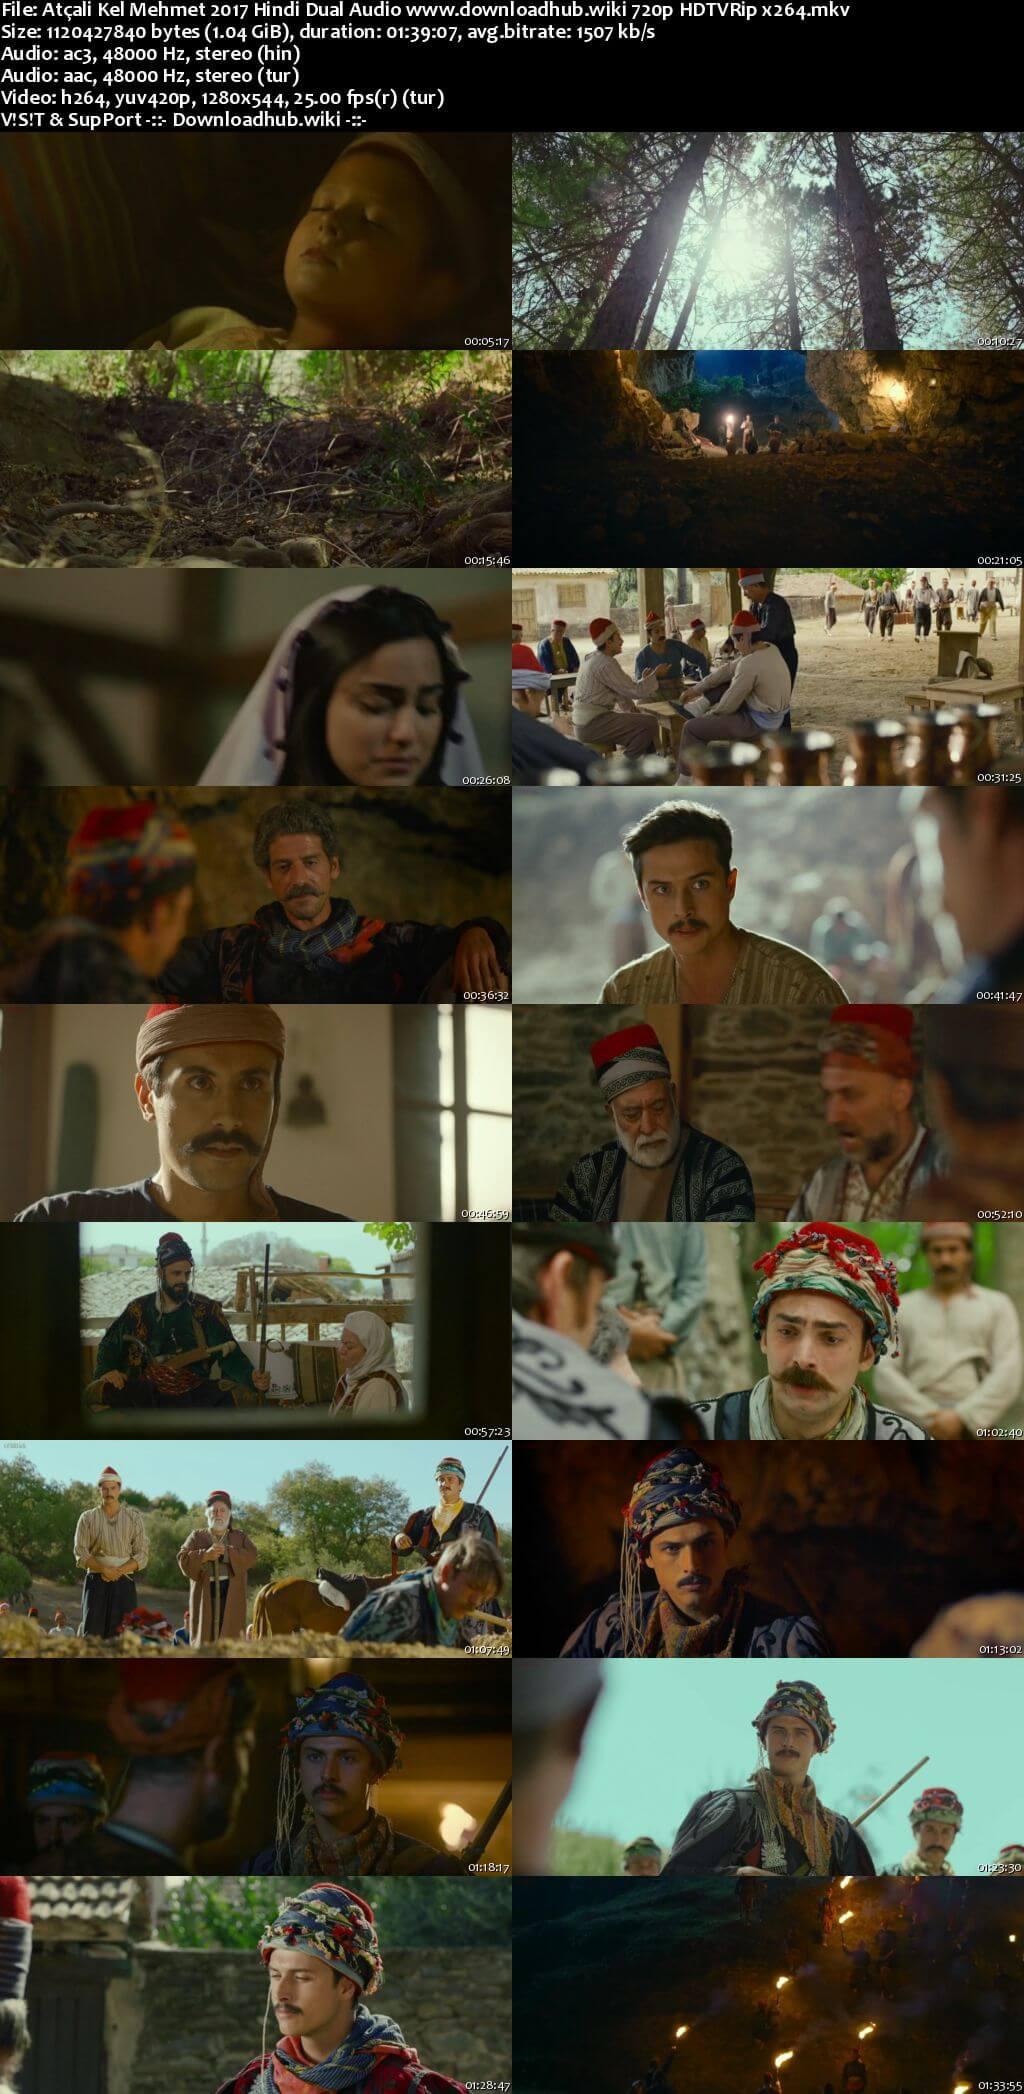 Atçali Kel Mehmet 2017 Hindi Dual Audio 720p HDTVRip x264